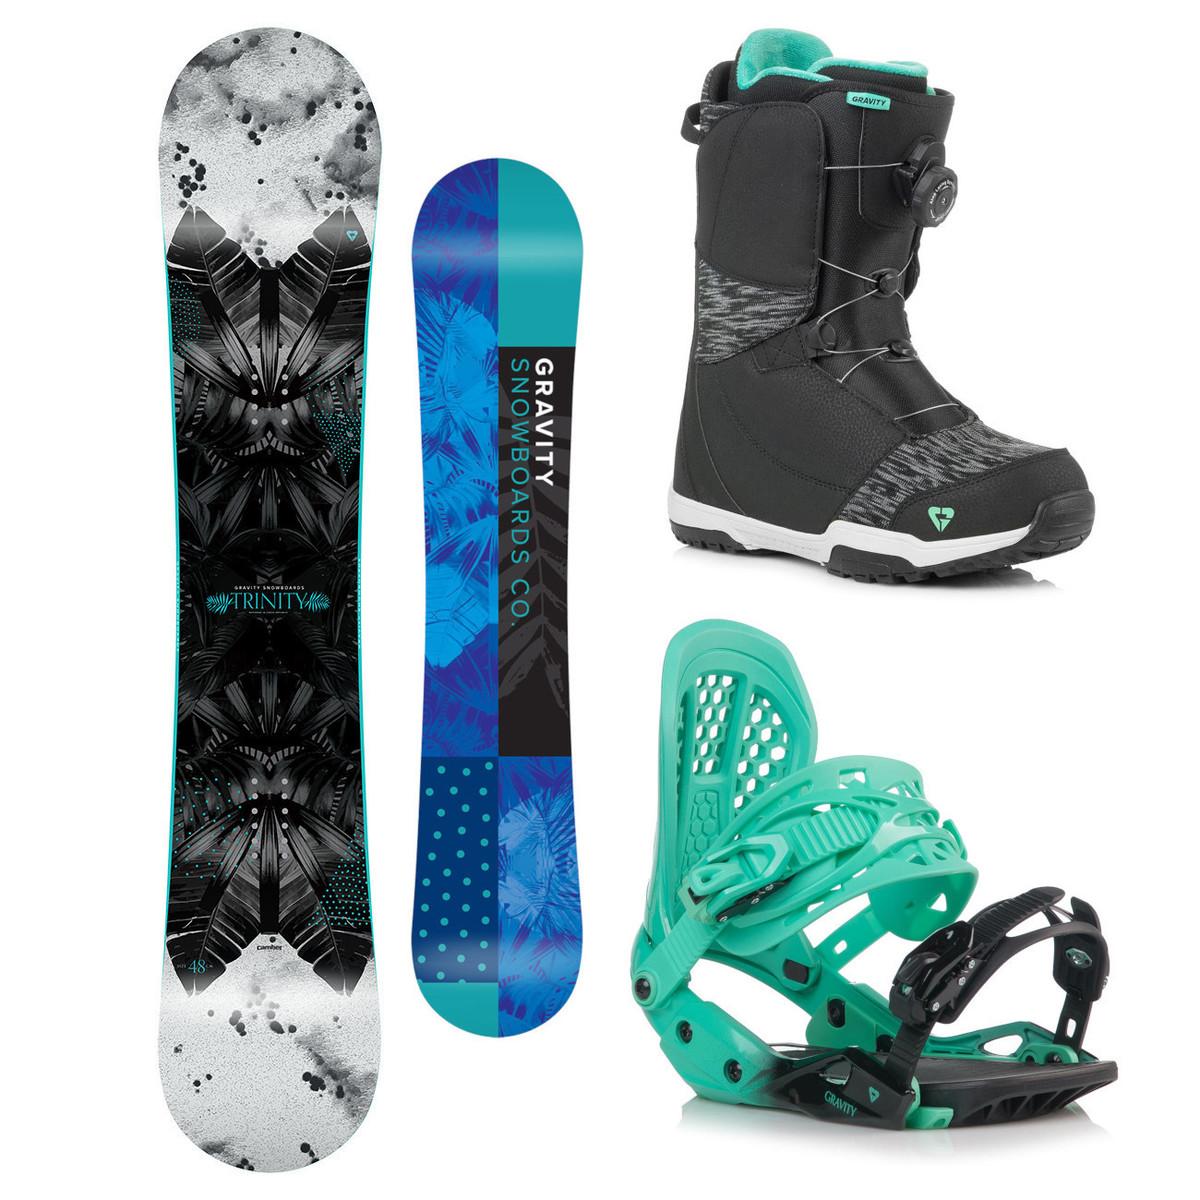 Snowboardový komplet Gravity Trinity 18/19 M (EU 37-42) 154